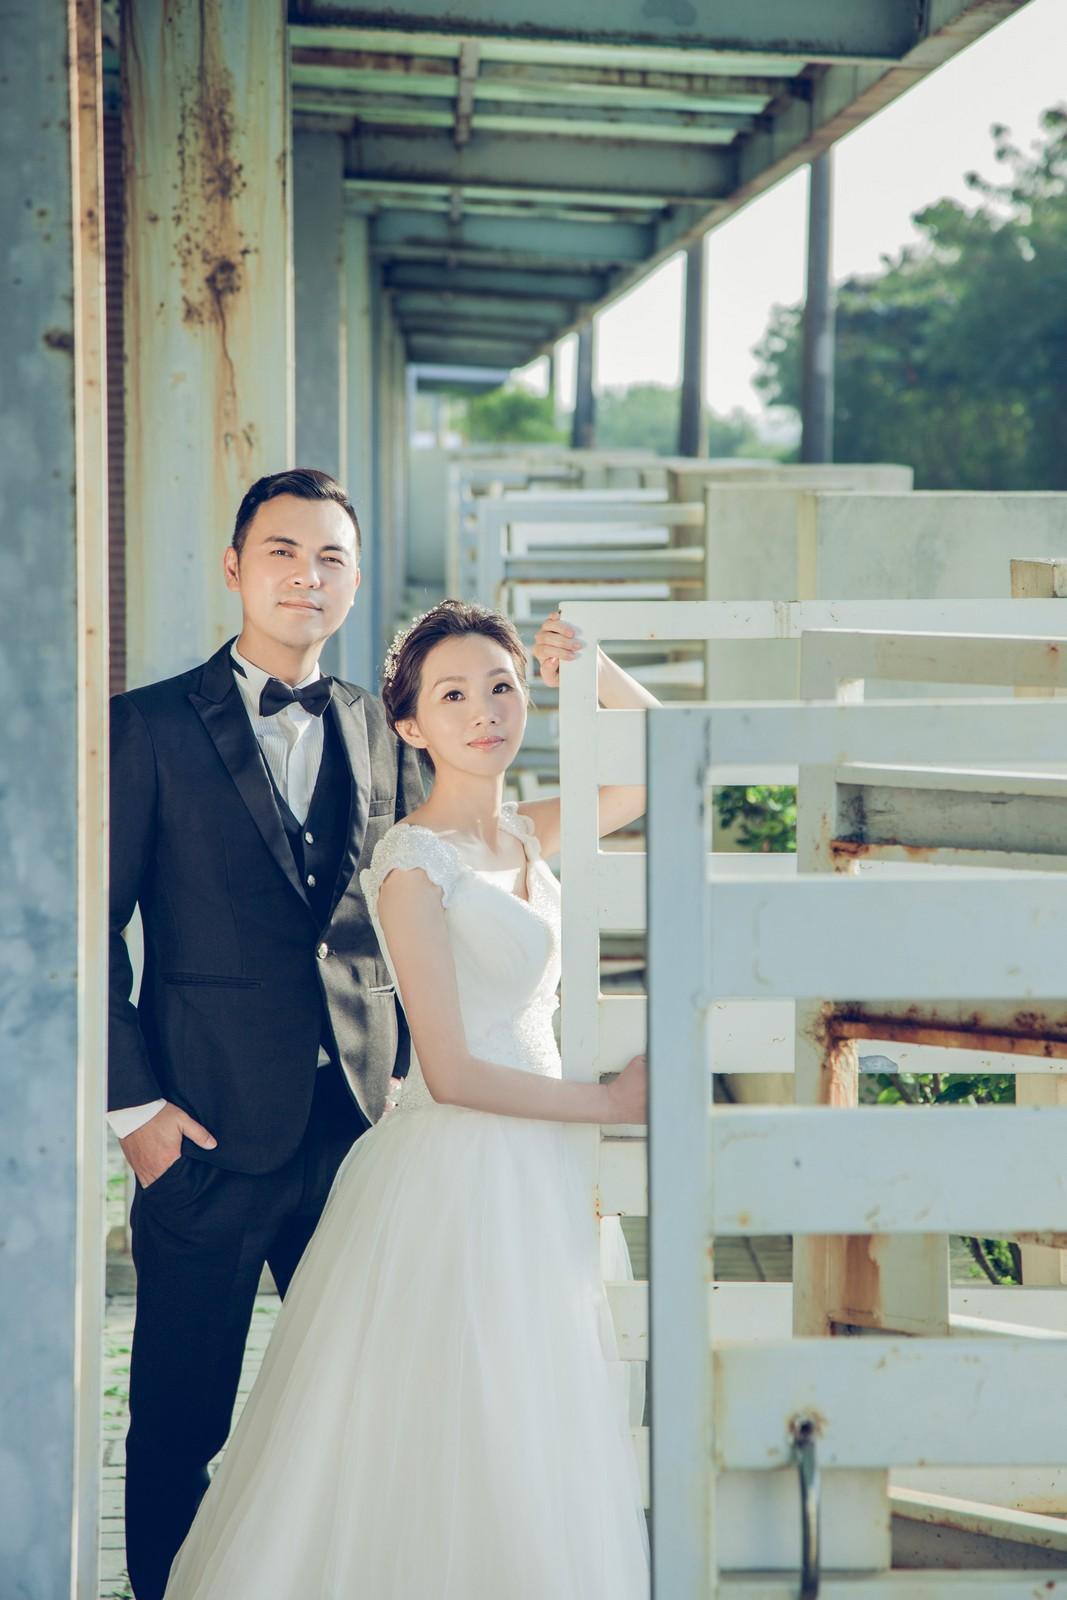 自助婚紗,自主婚紗推薦,台南 自助婚紗,tn09